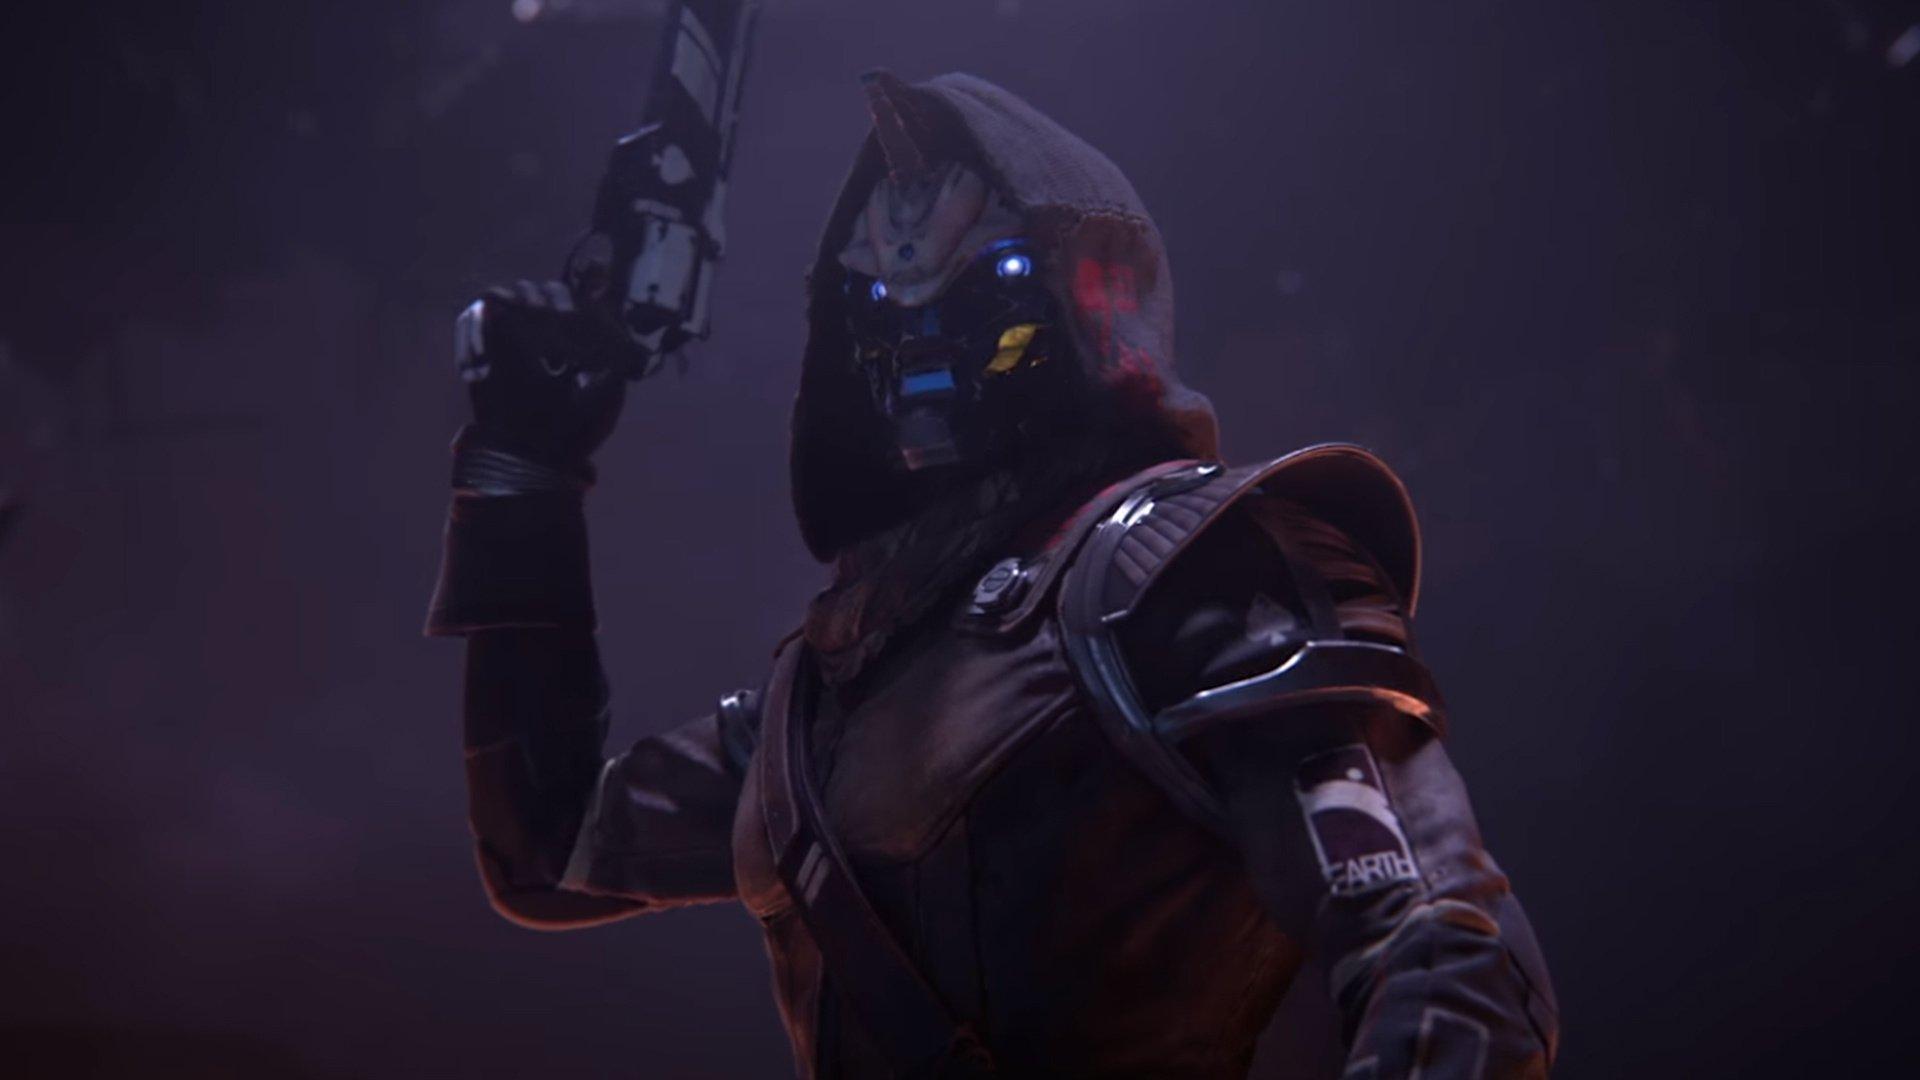 Destiny 2: Forsaken - How to Complete the Cayde's Will